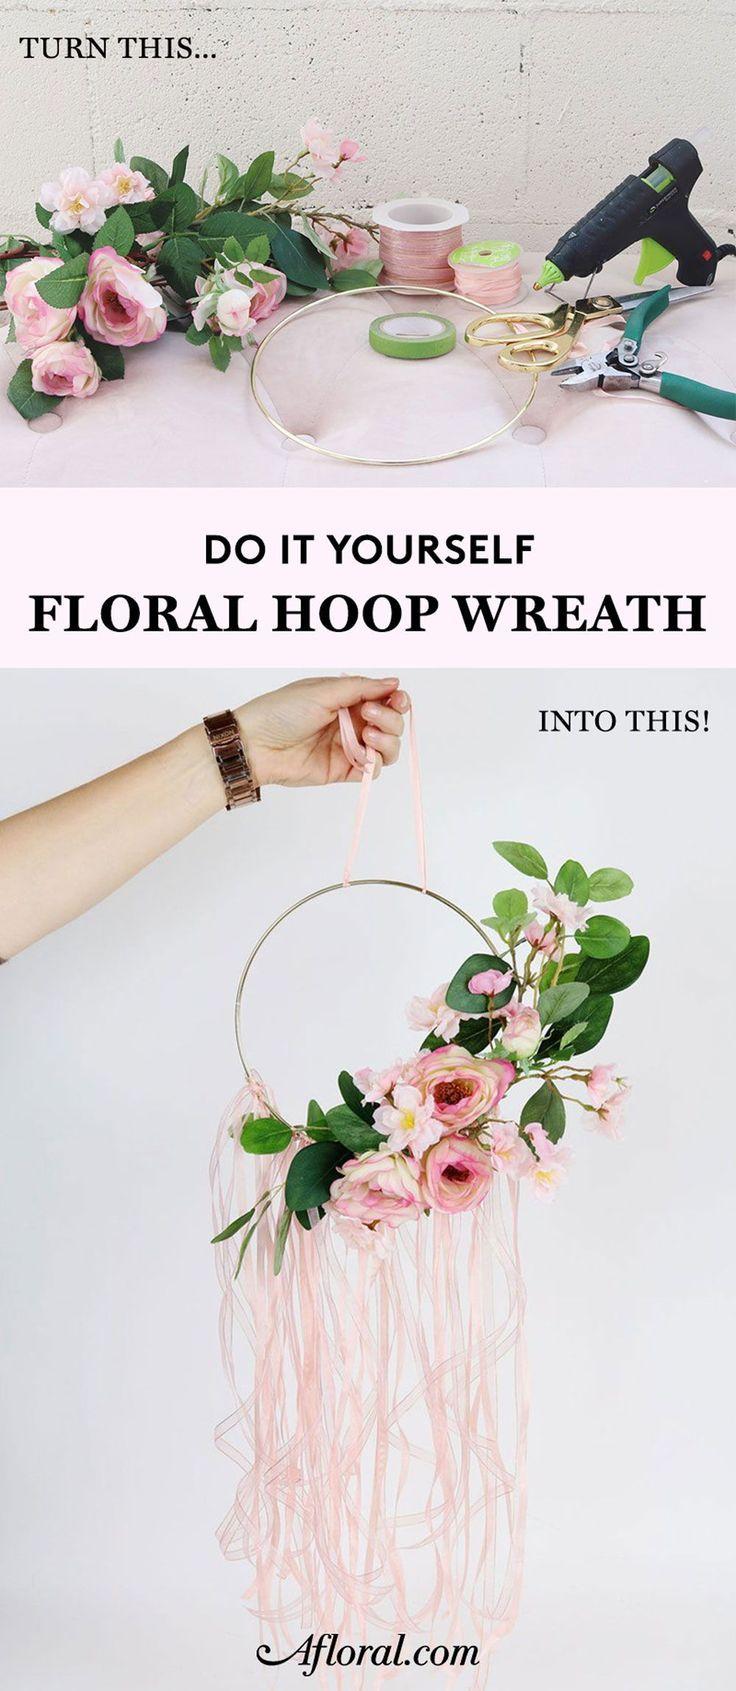 Diy Floral Hoop Wreath Diy Floral Wreath Floral Hoops Diy Wreath